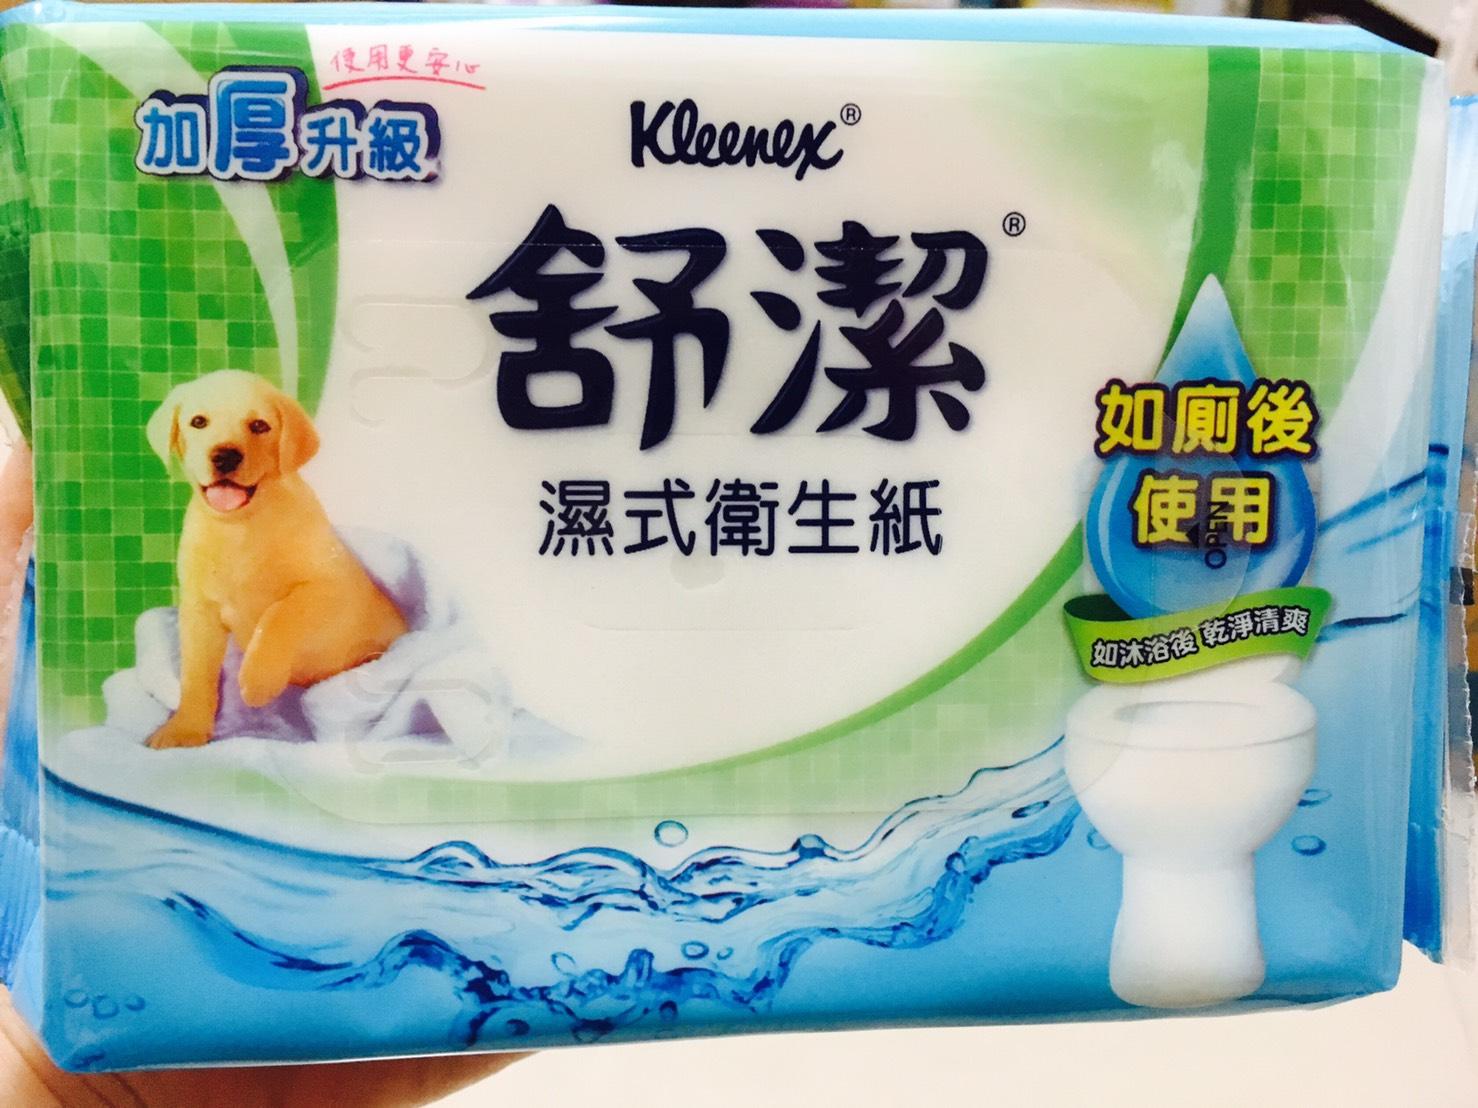 ❤含發票❤舒潔濕式衛生紙(40抽)❤可丟入馬桶中沖散❤給你如浴後的乾淨清爽❤加厚升級❤